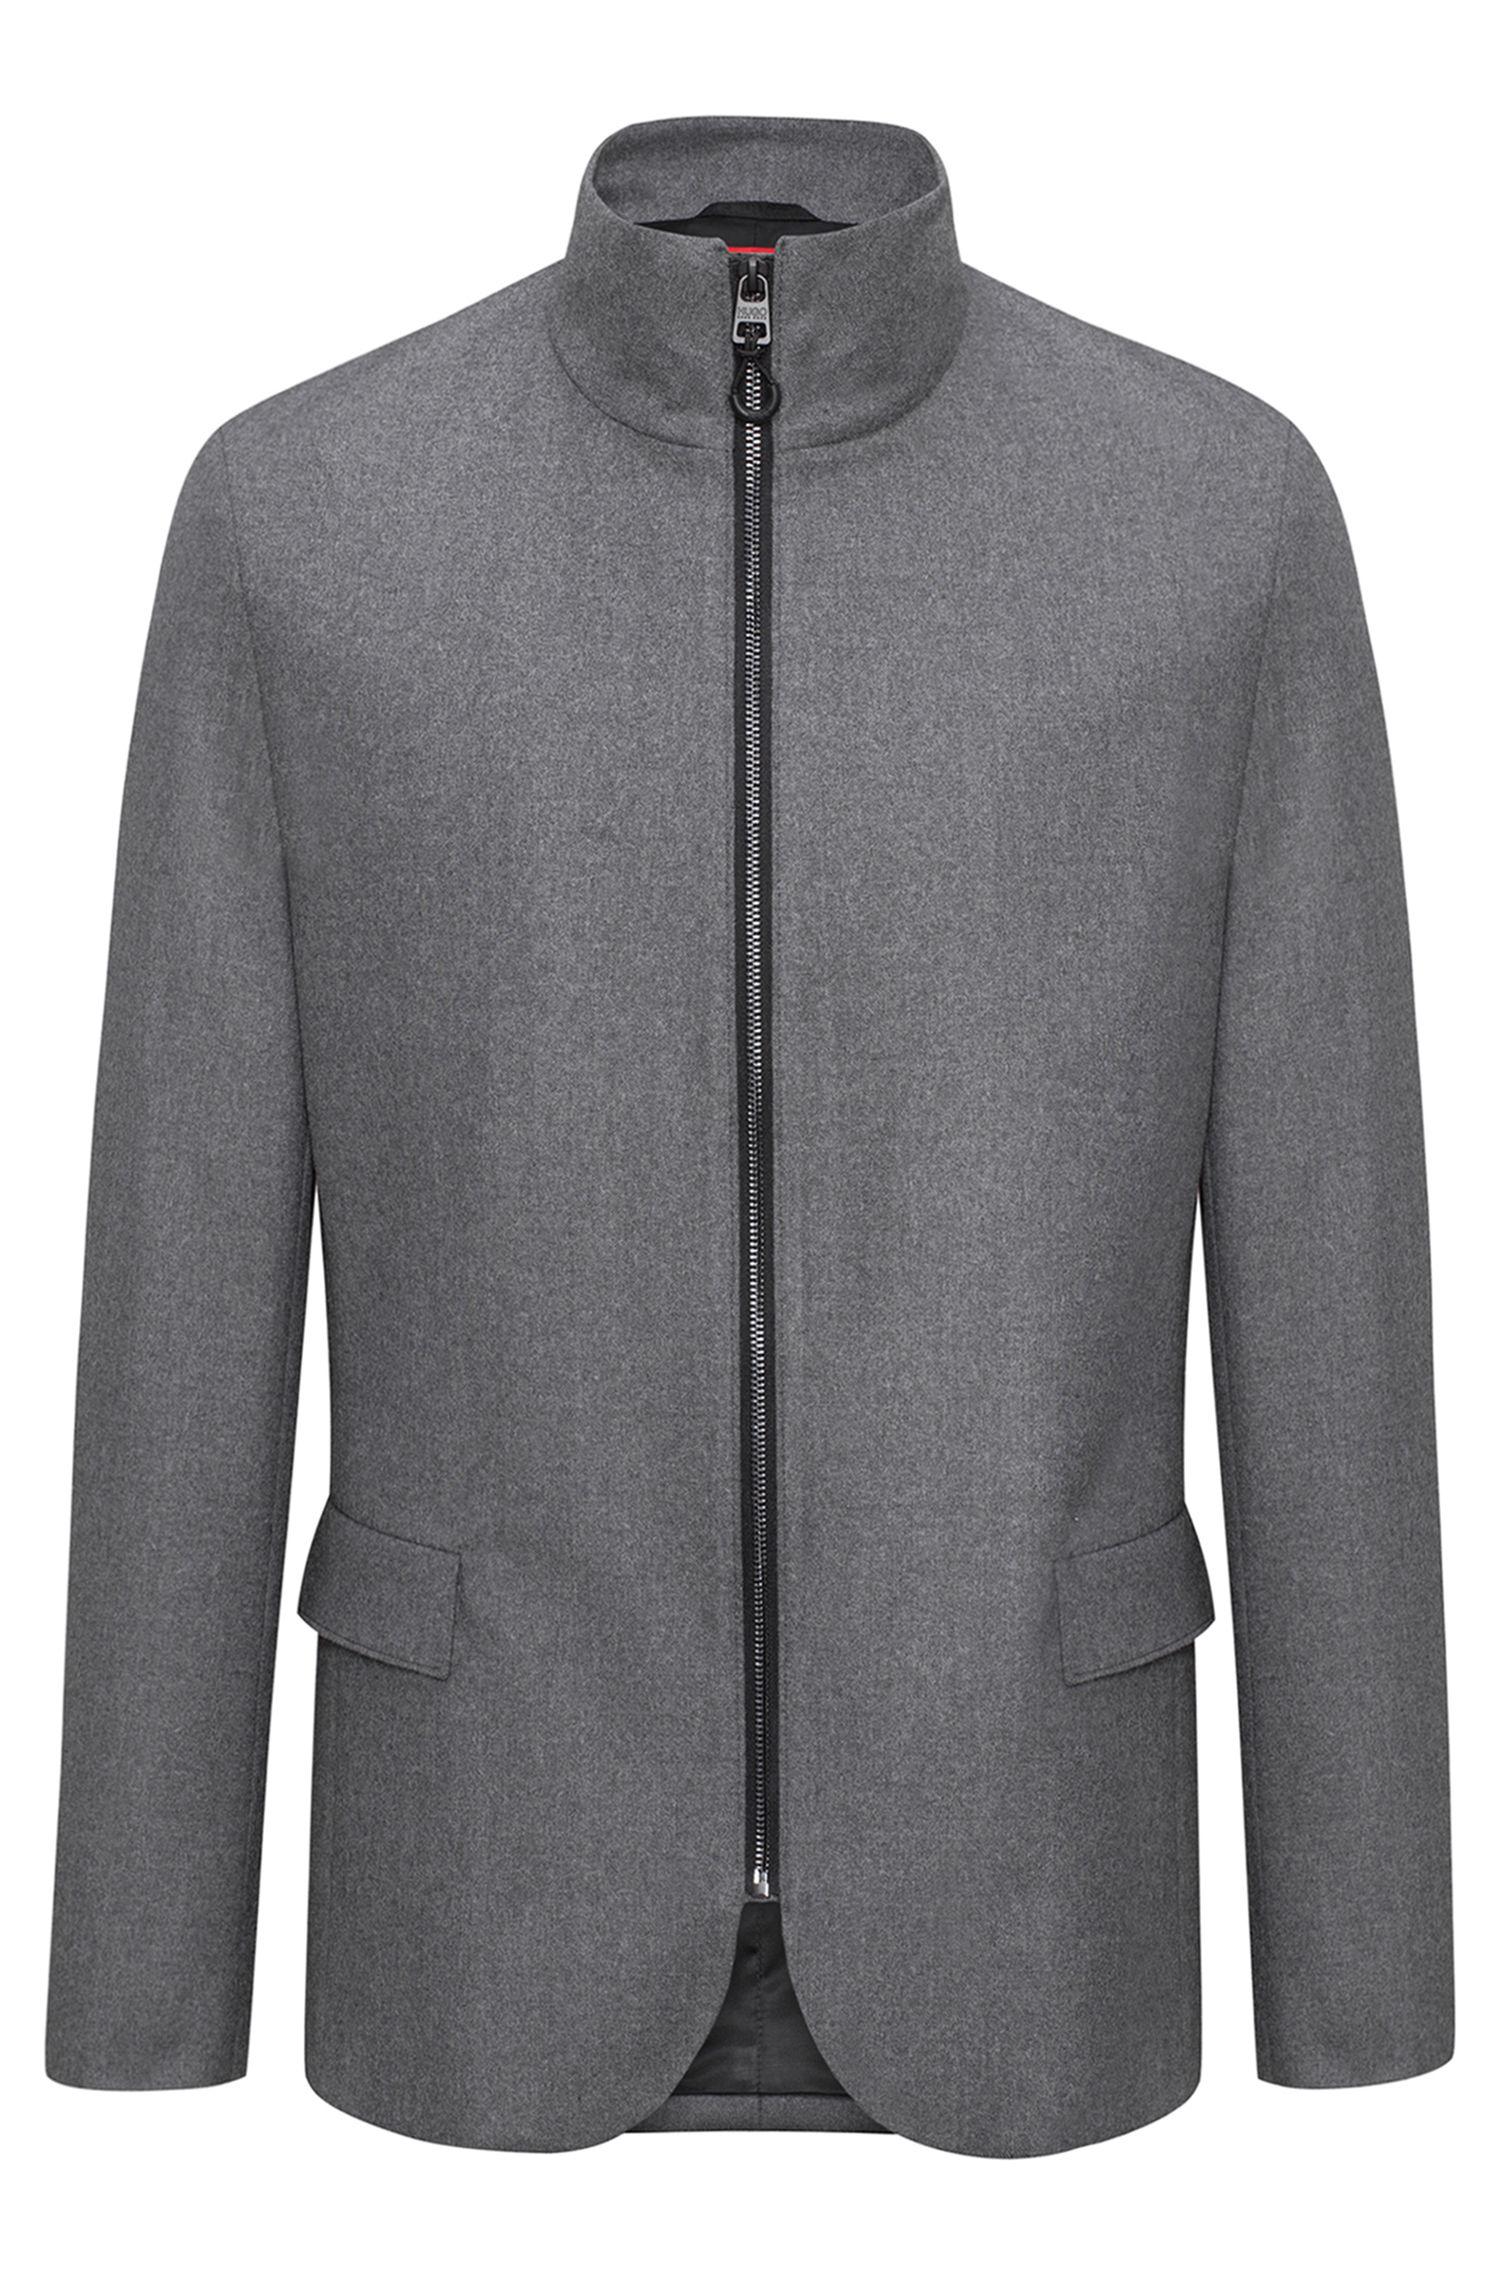 Regular-Fit Jacke aus elastischem Woll-Mix mit Reißverschluss